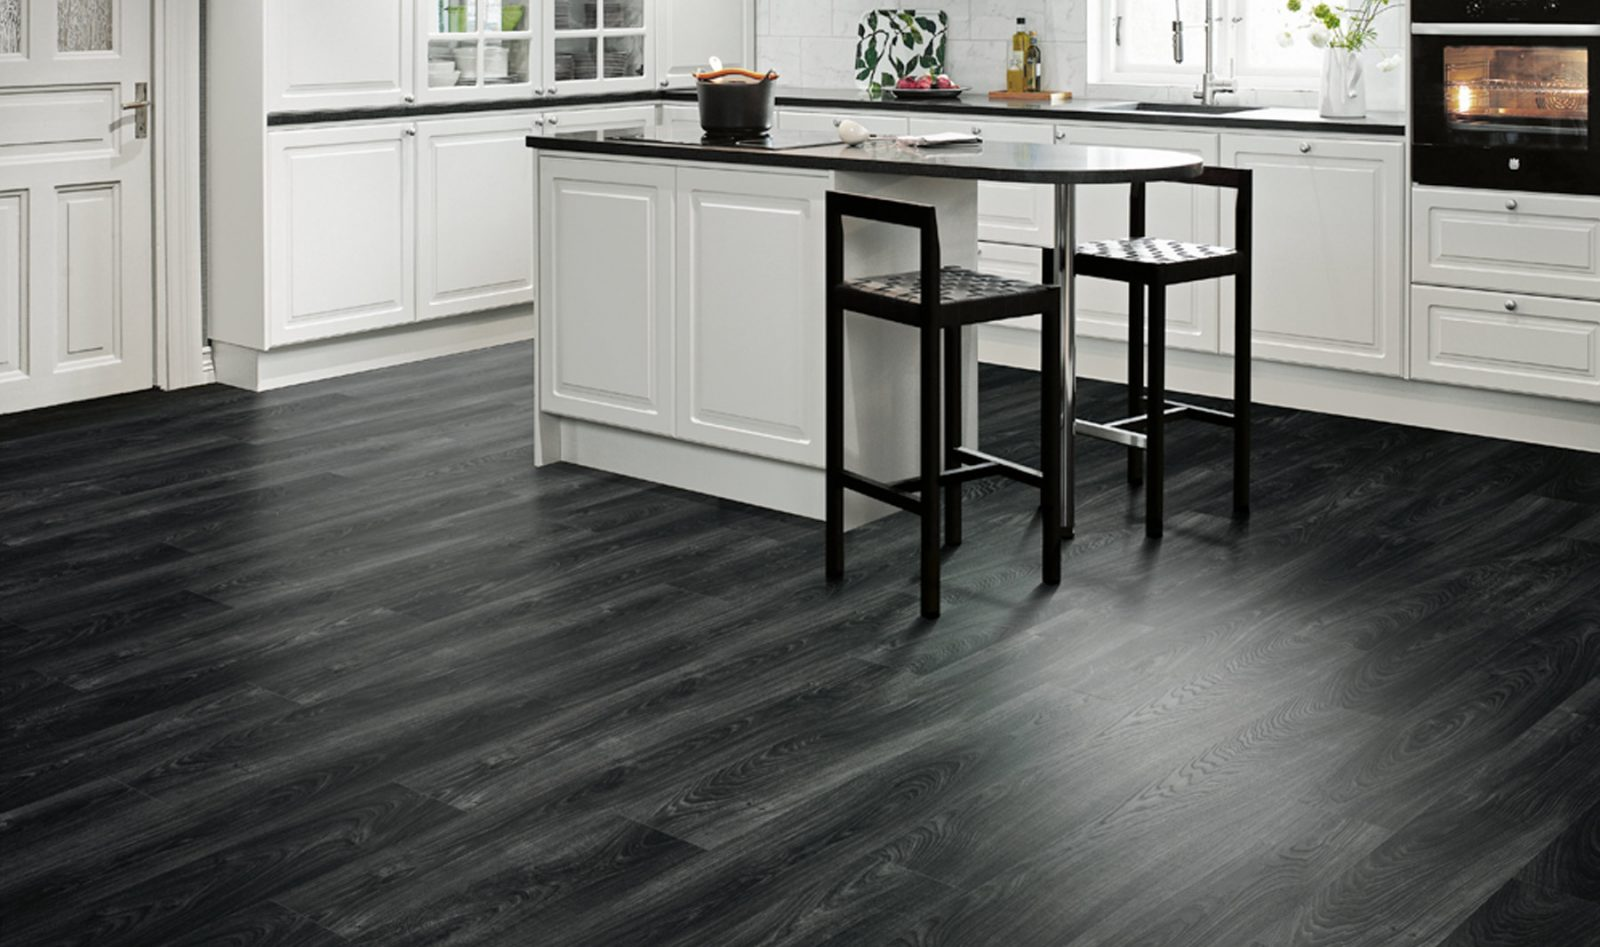 Gallart grupo el blog suelos y puertas de madera en - Suelos de cocina modernos ...